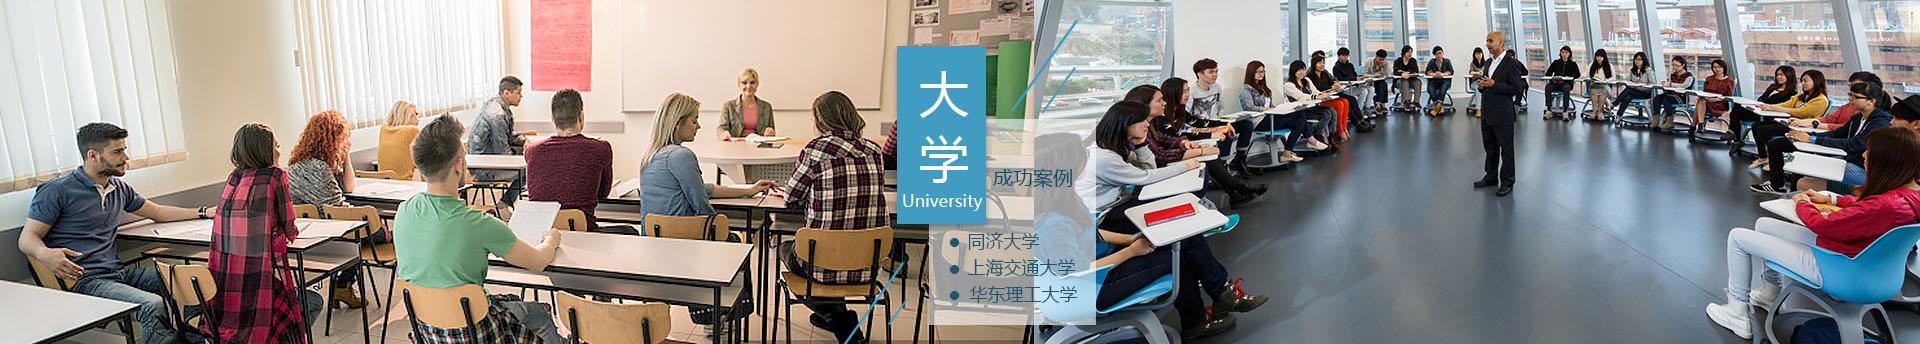 武汉理工大学大学学校家具成功案例-SEEWIN诗敏学校家具国际学校家具-学生课桌椅-宿舍公寓床-未来教室家具-上海诗敏校园家具厂家